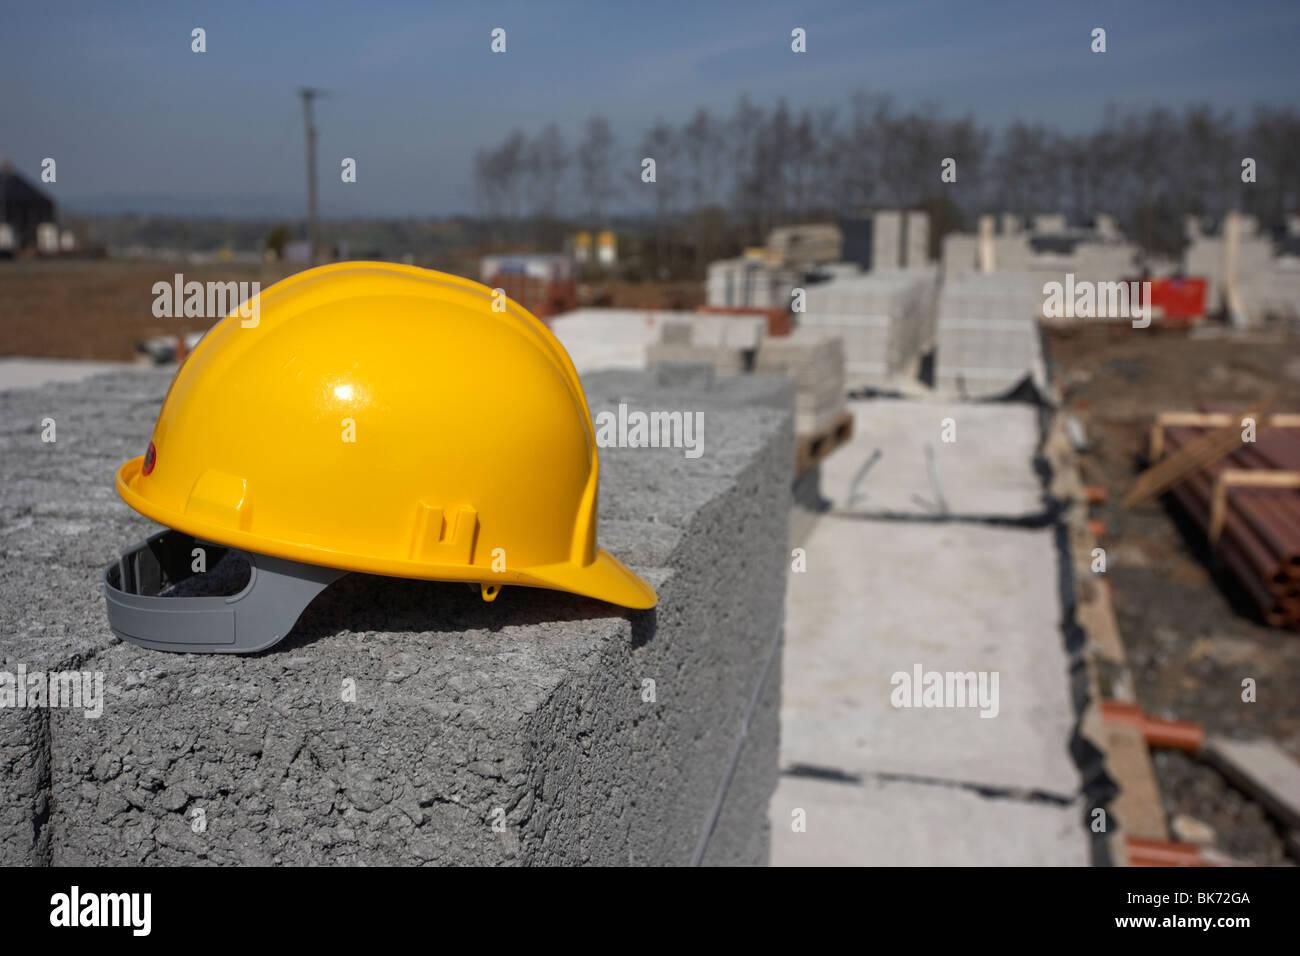 Elmetto seduto su una pila di brezza edificio in calcestruzzo blocchi sul fermo costruzione dell'edificio sito Immagini Stock